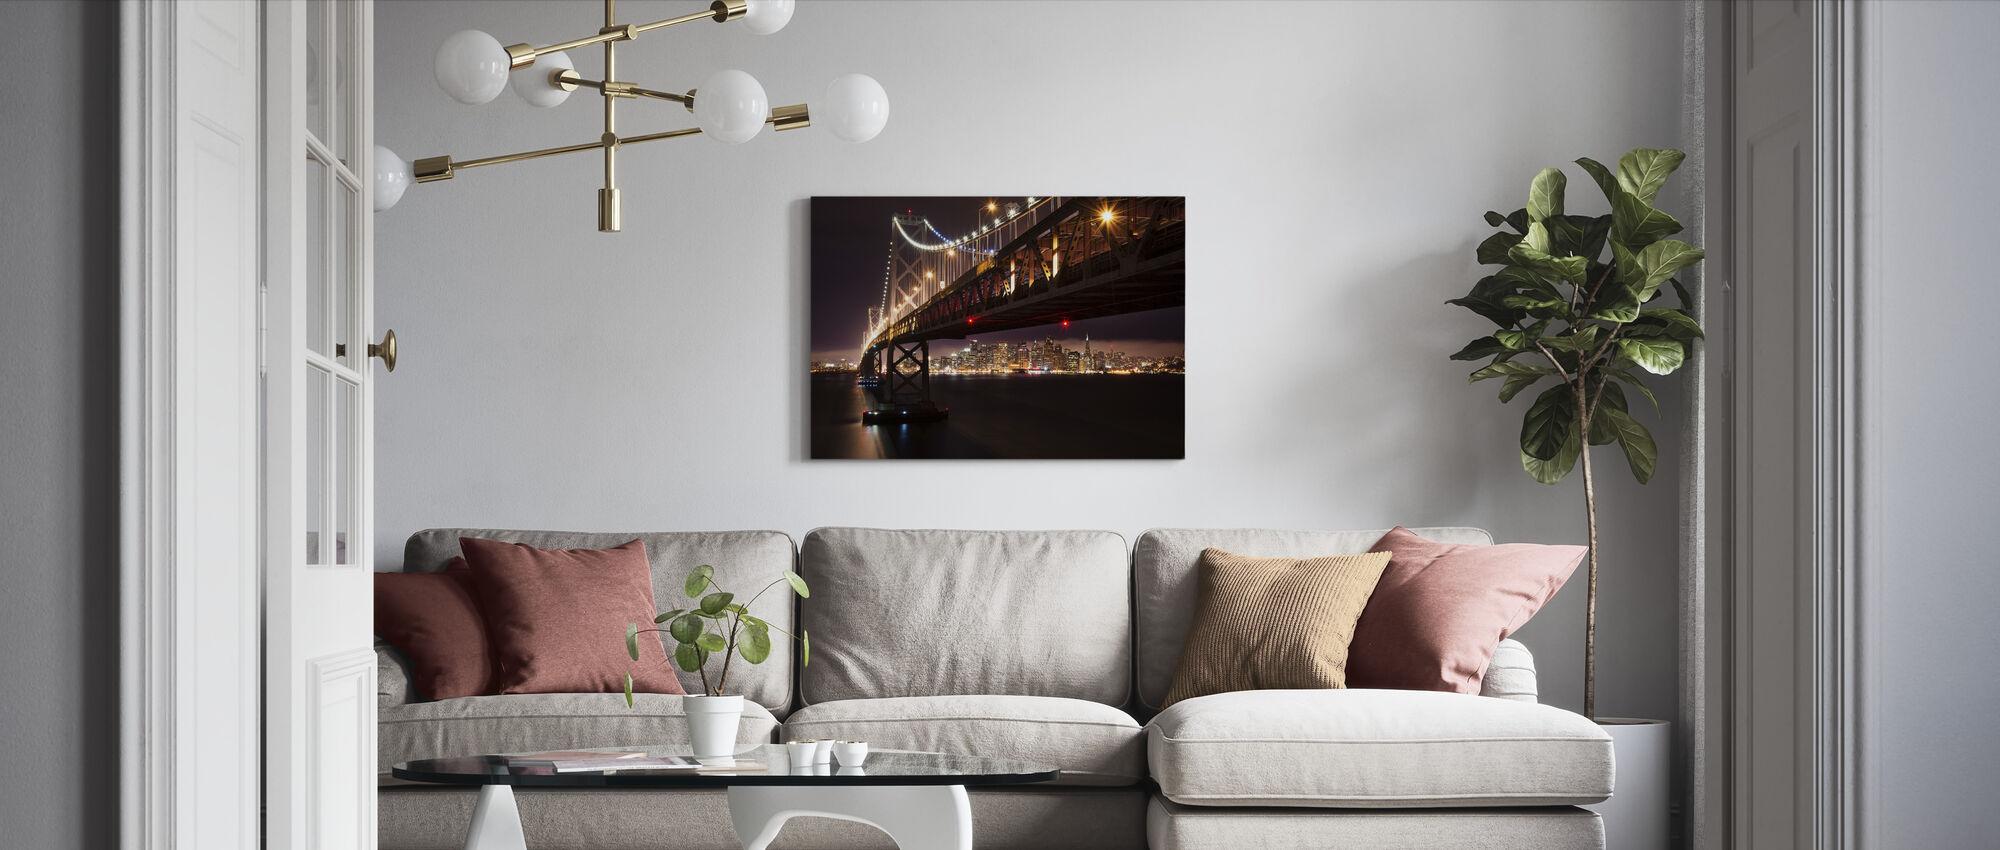 Bay-broen i natten - Lerretsbilde - Stue